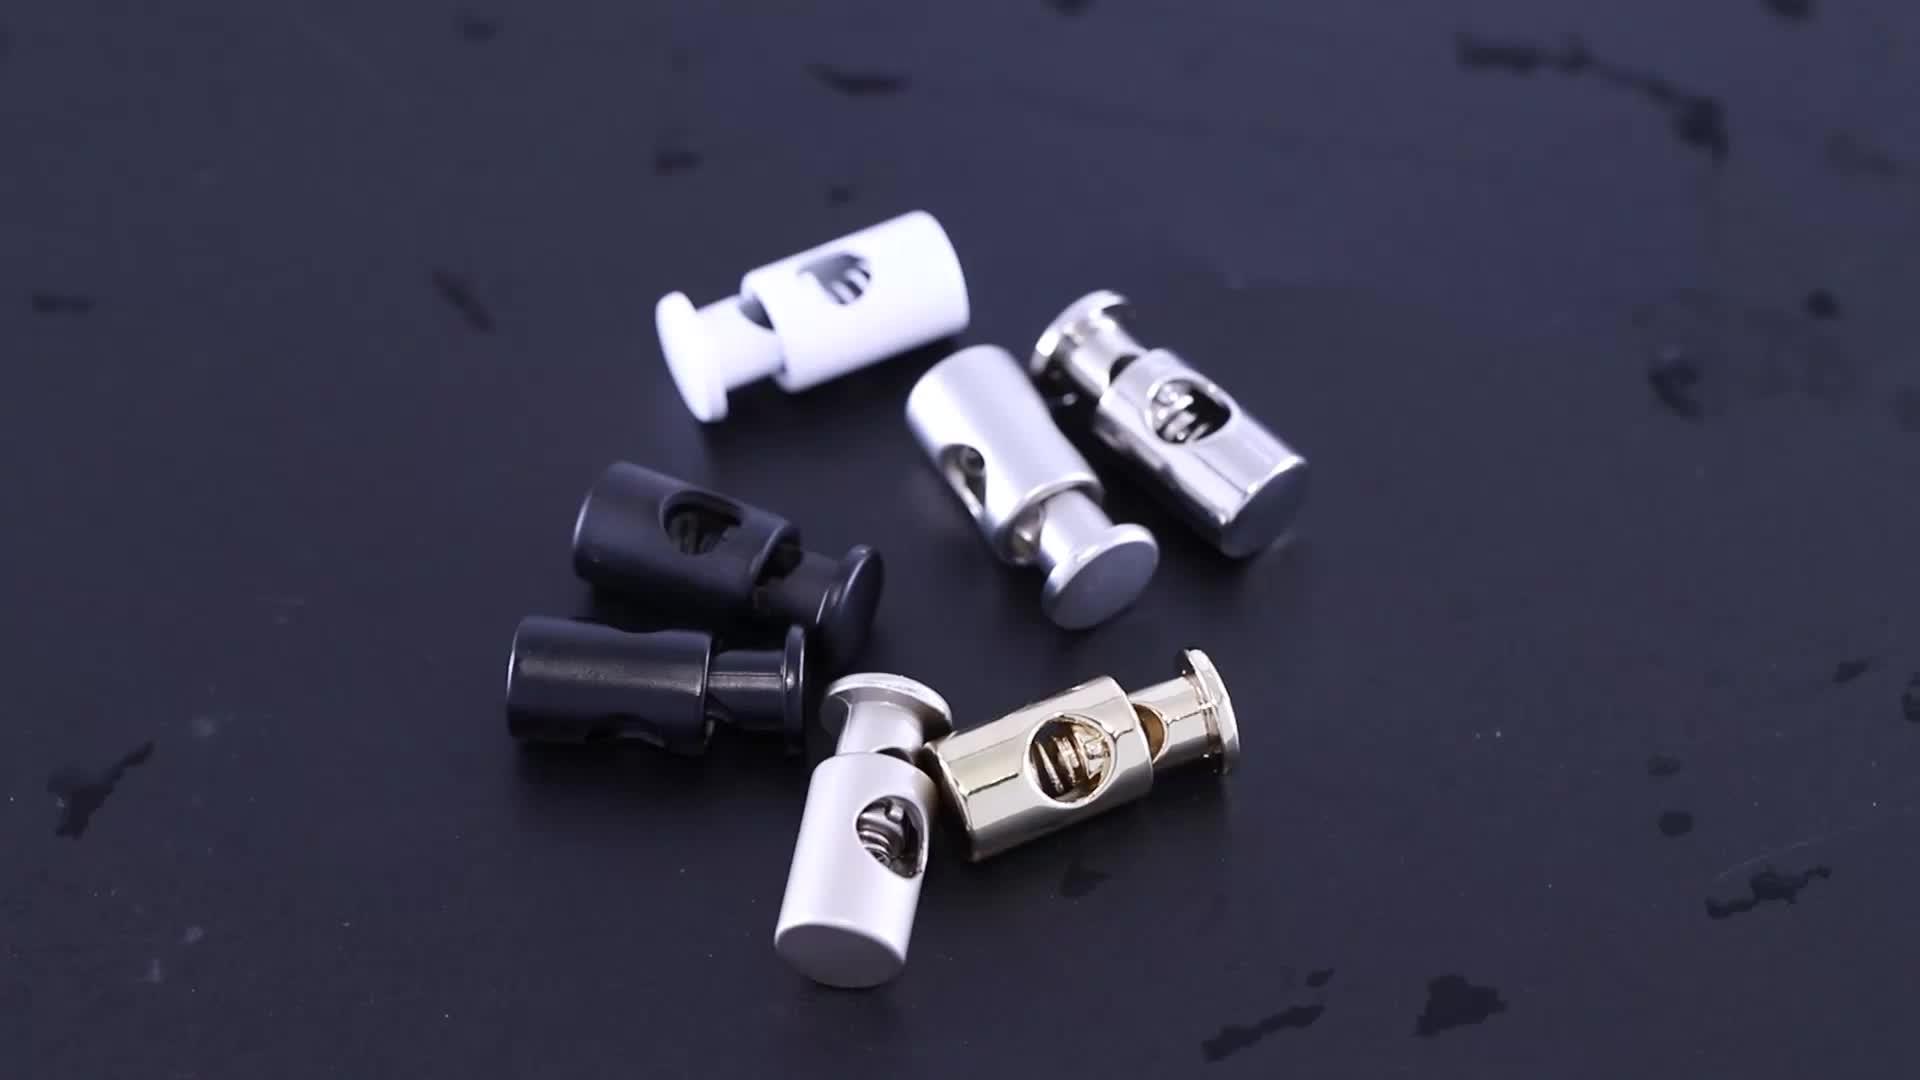 Palanca de cerraduras estilo de cerradura final tapones personalizado simple y doble agujero deporte aleación de Metal de Zinc níquel-libre